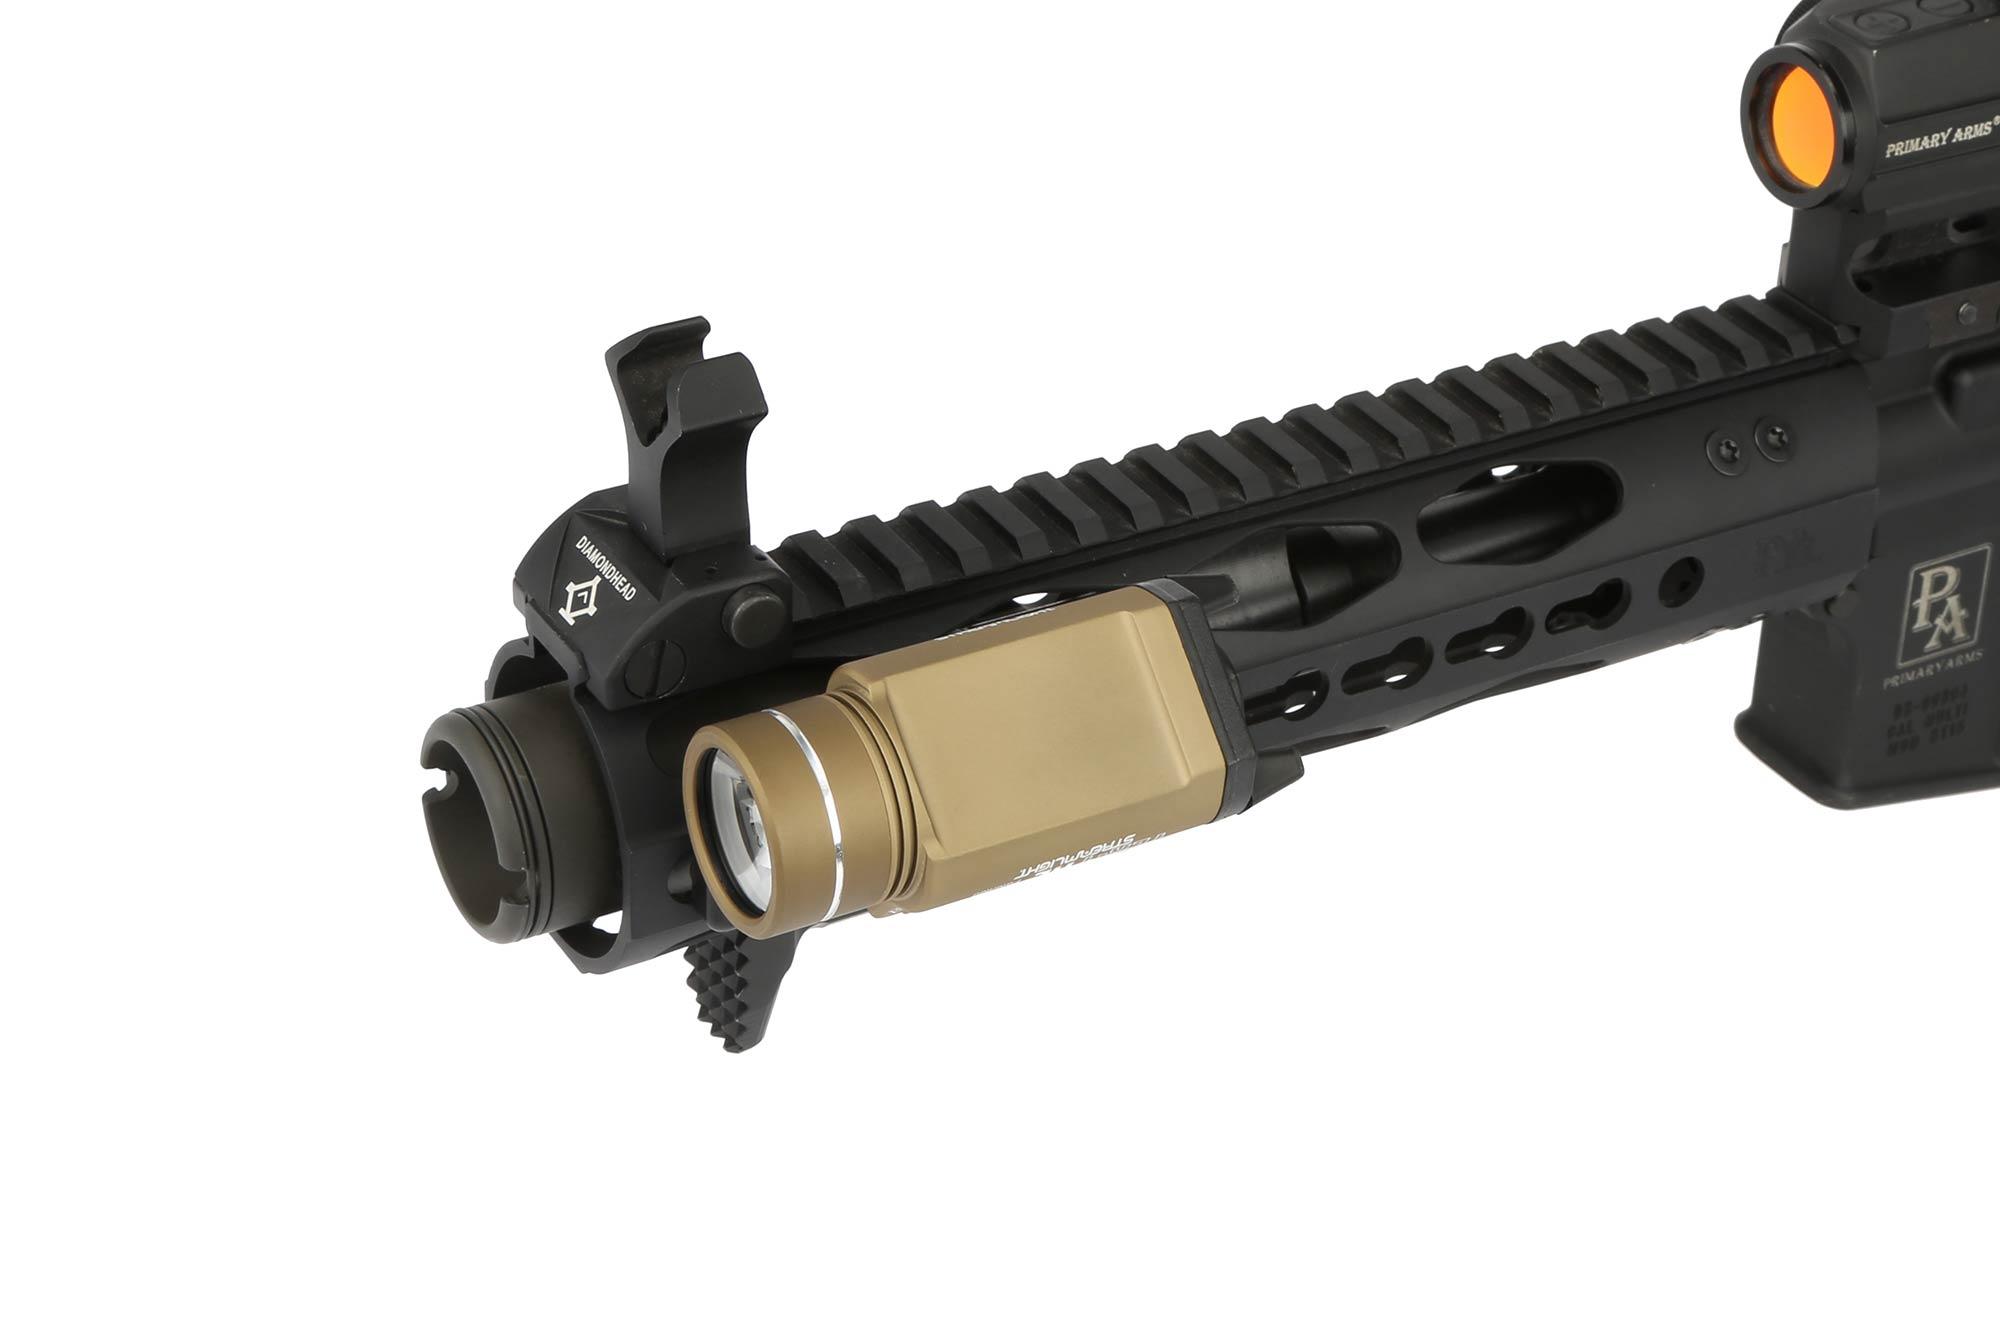 Streamlight Tlr 1 Hl 800 Lumen Tactical Weapon Light